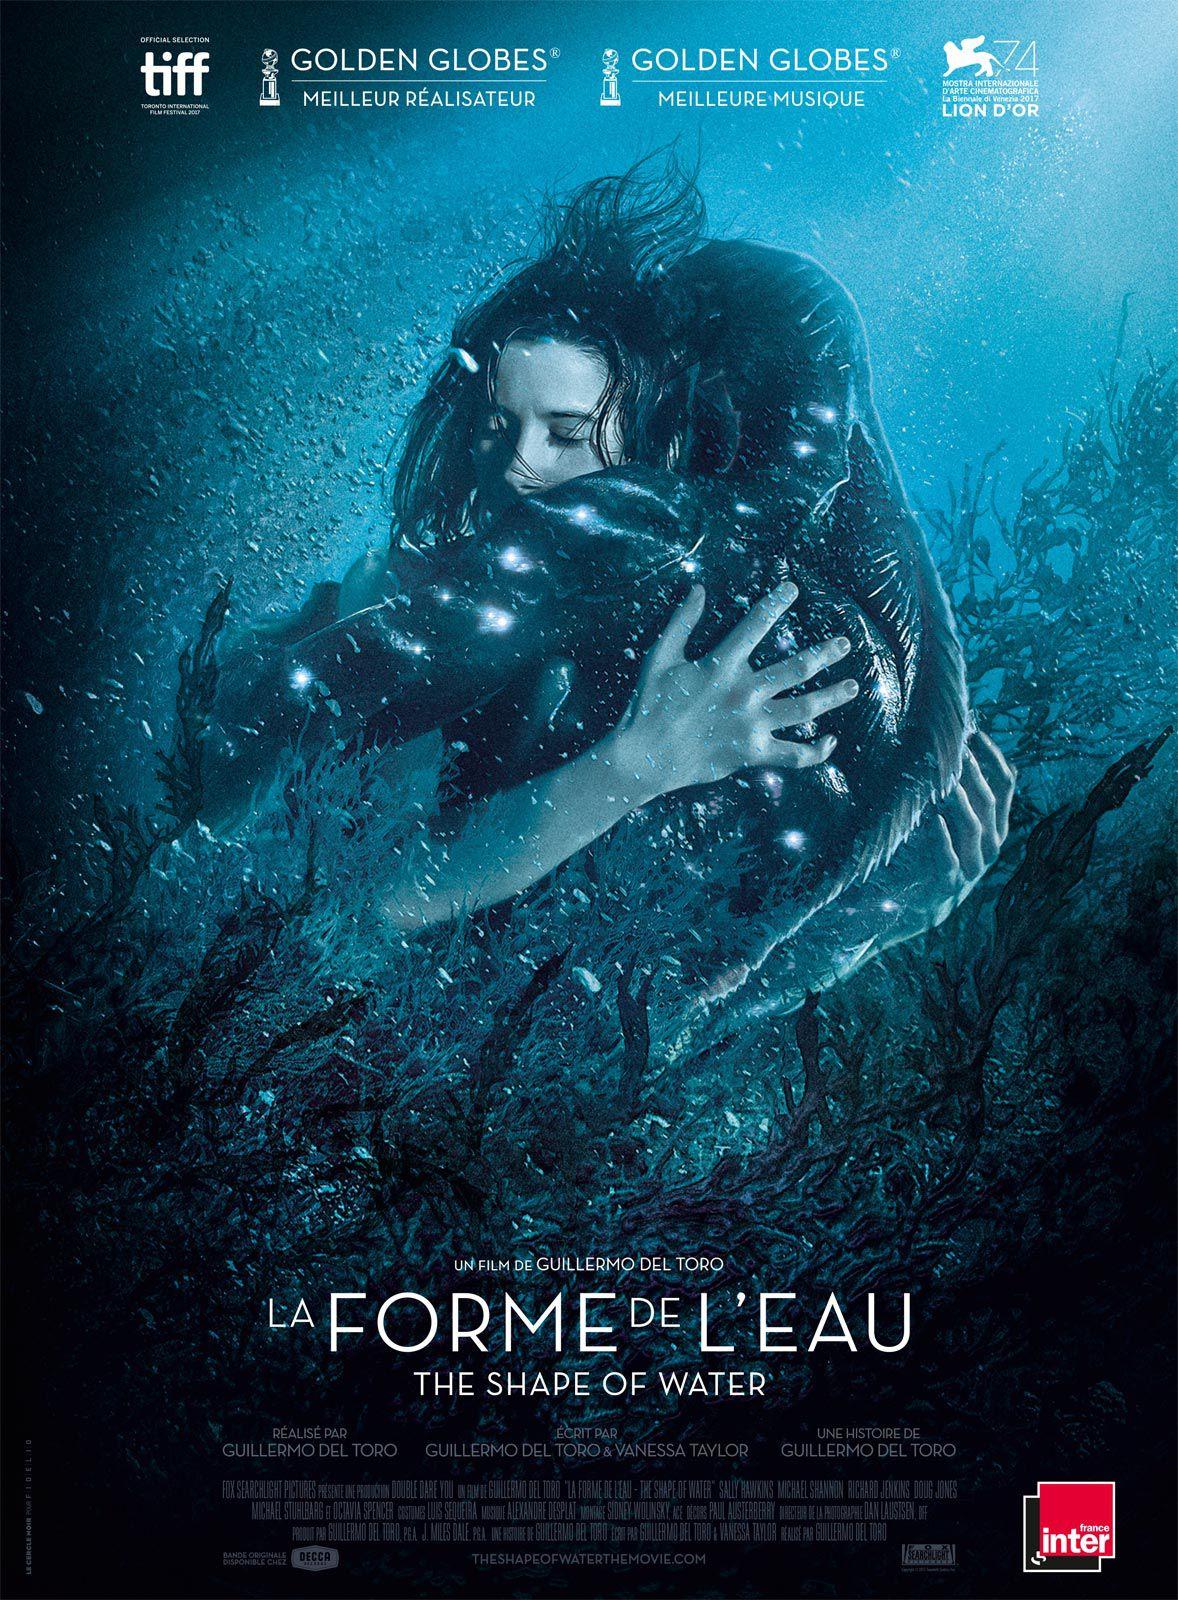 La_Forme_de_l_eau.jpg